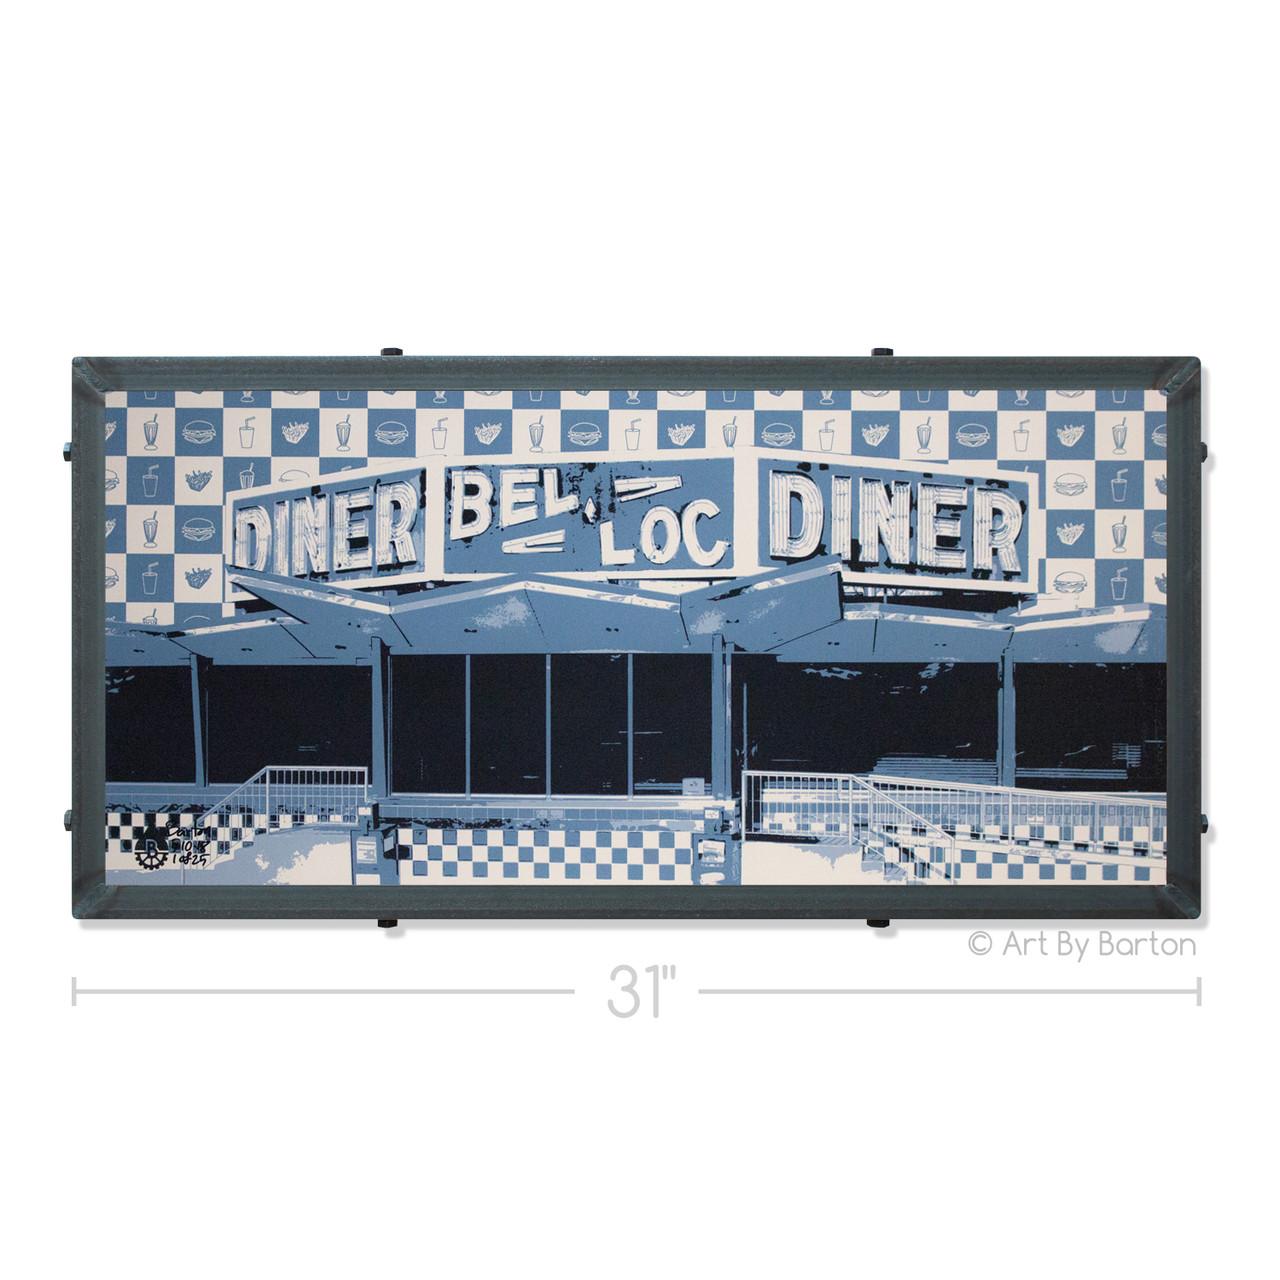 Bel Loc Diner, Towson, MD